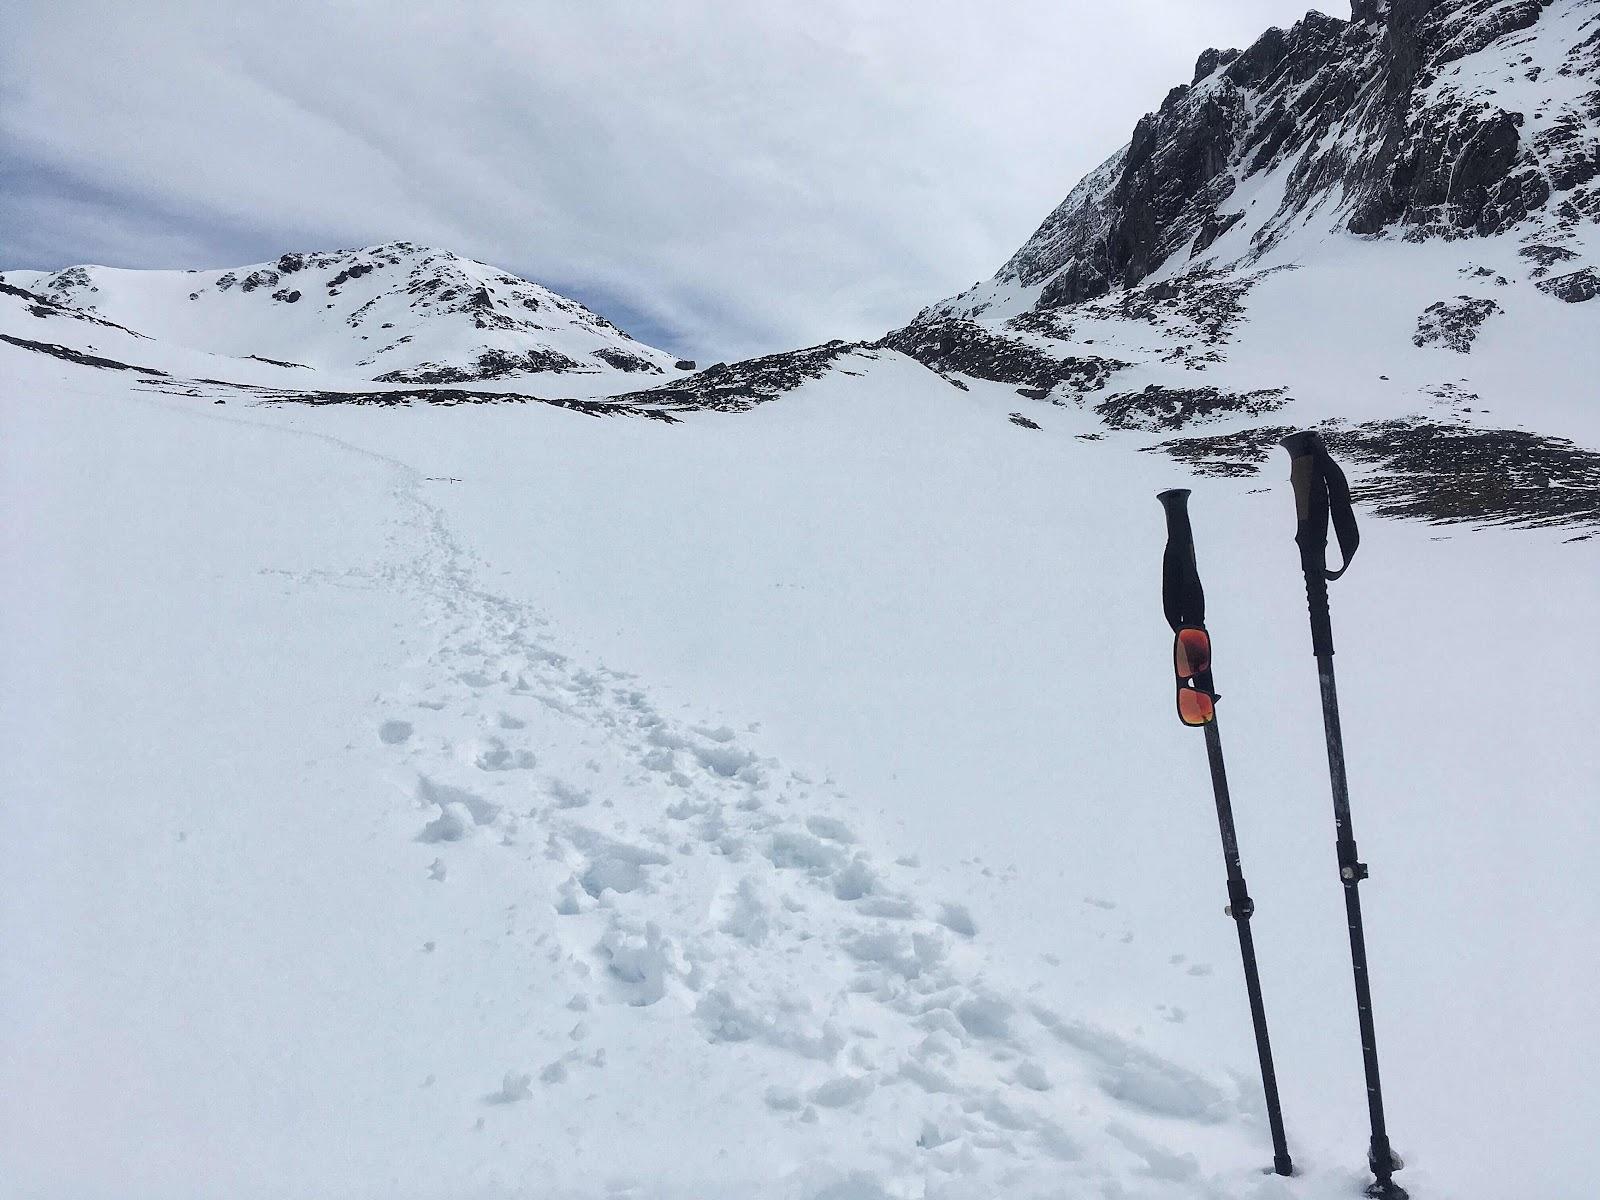 Snow trail ascending Cerro del Medio. Ushuaia, Argentina